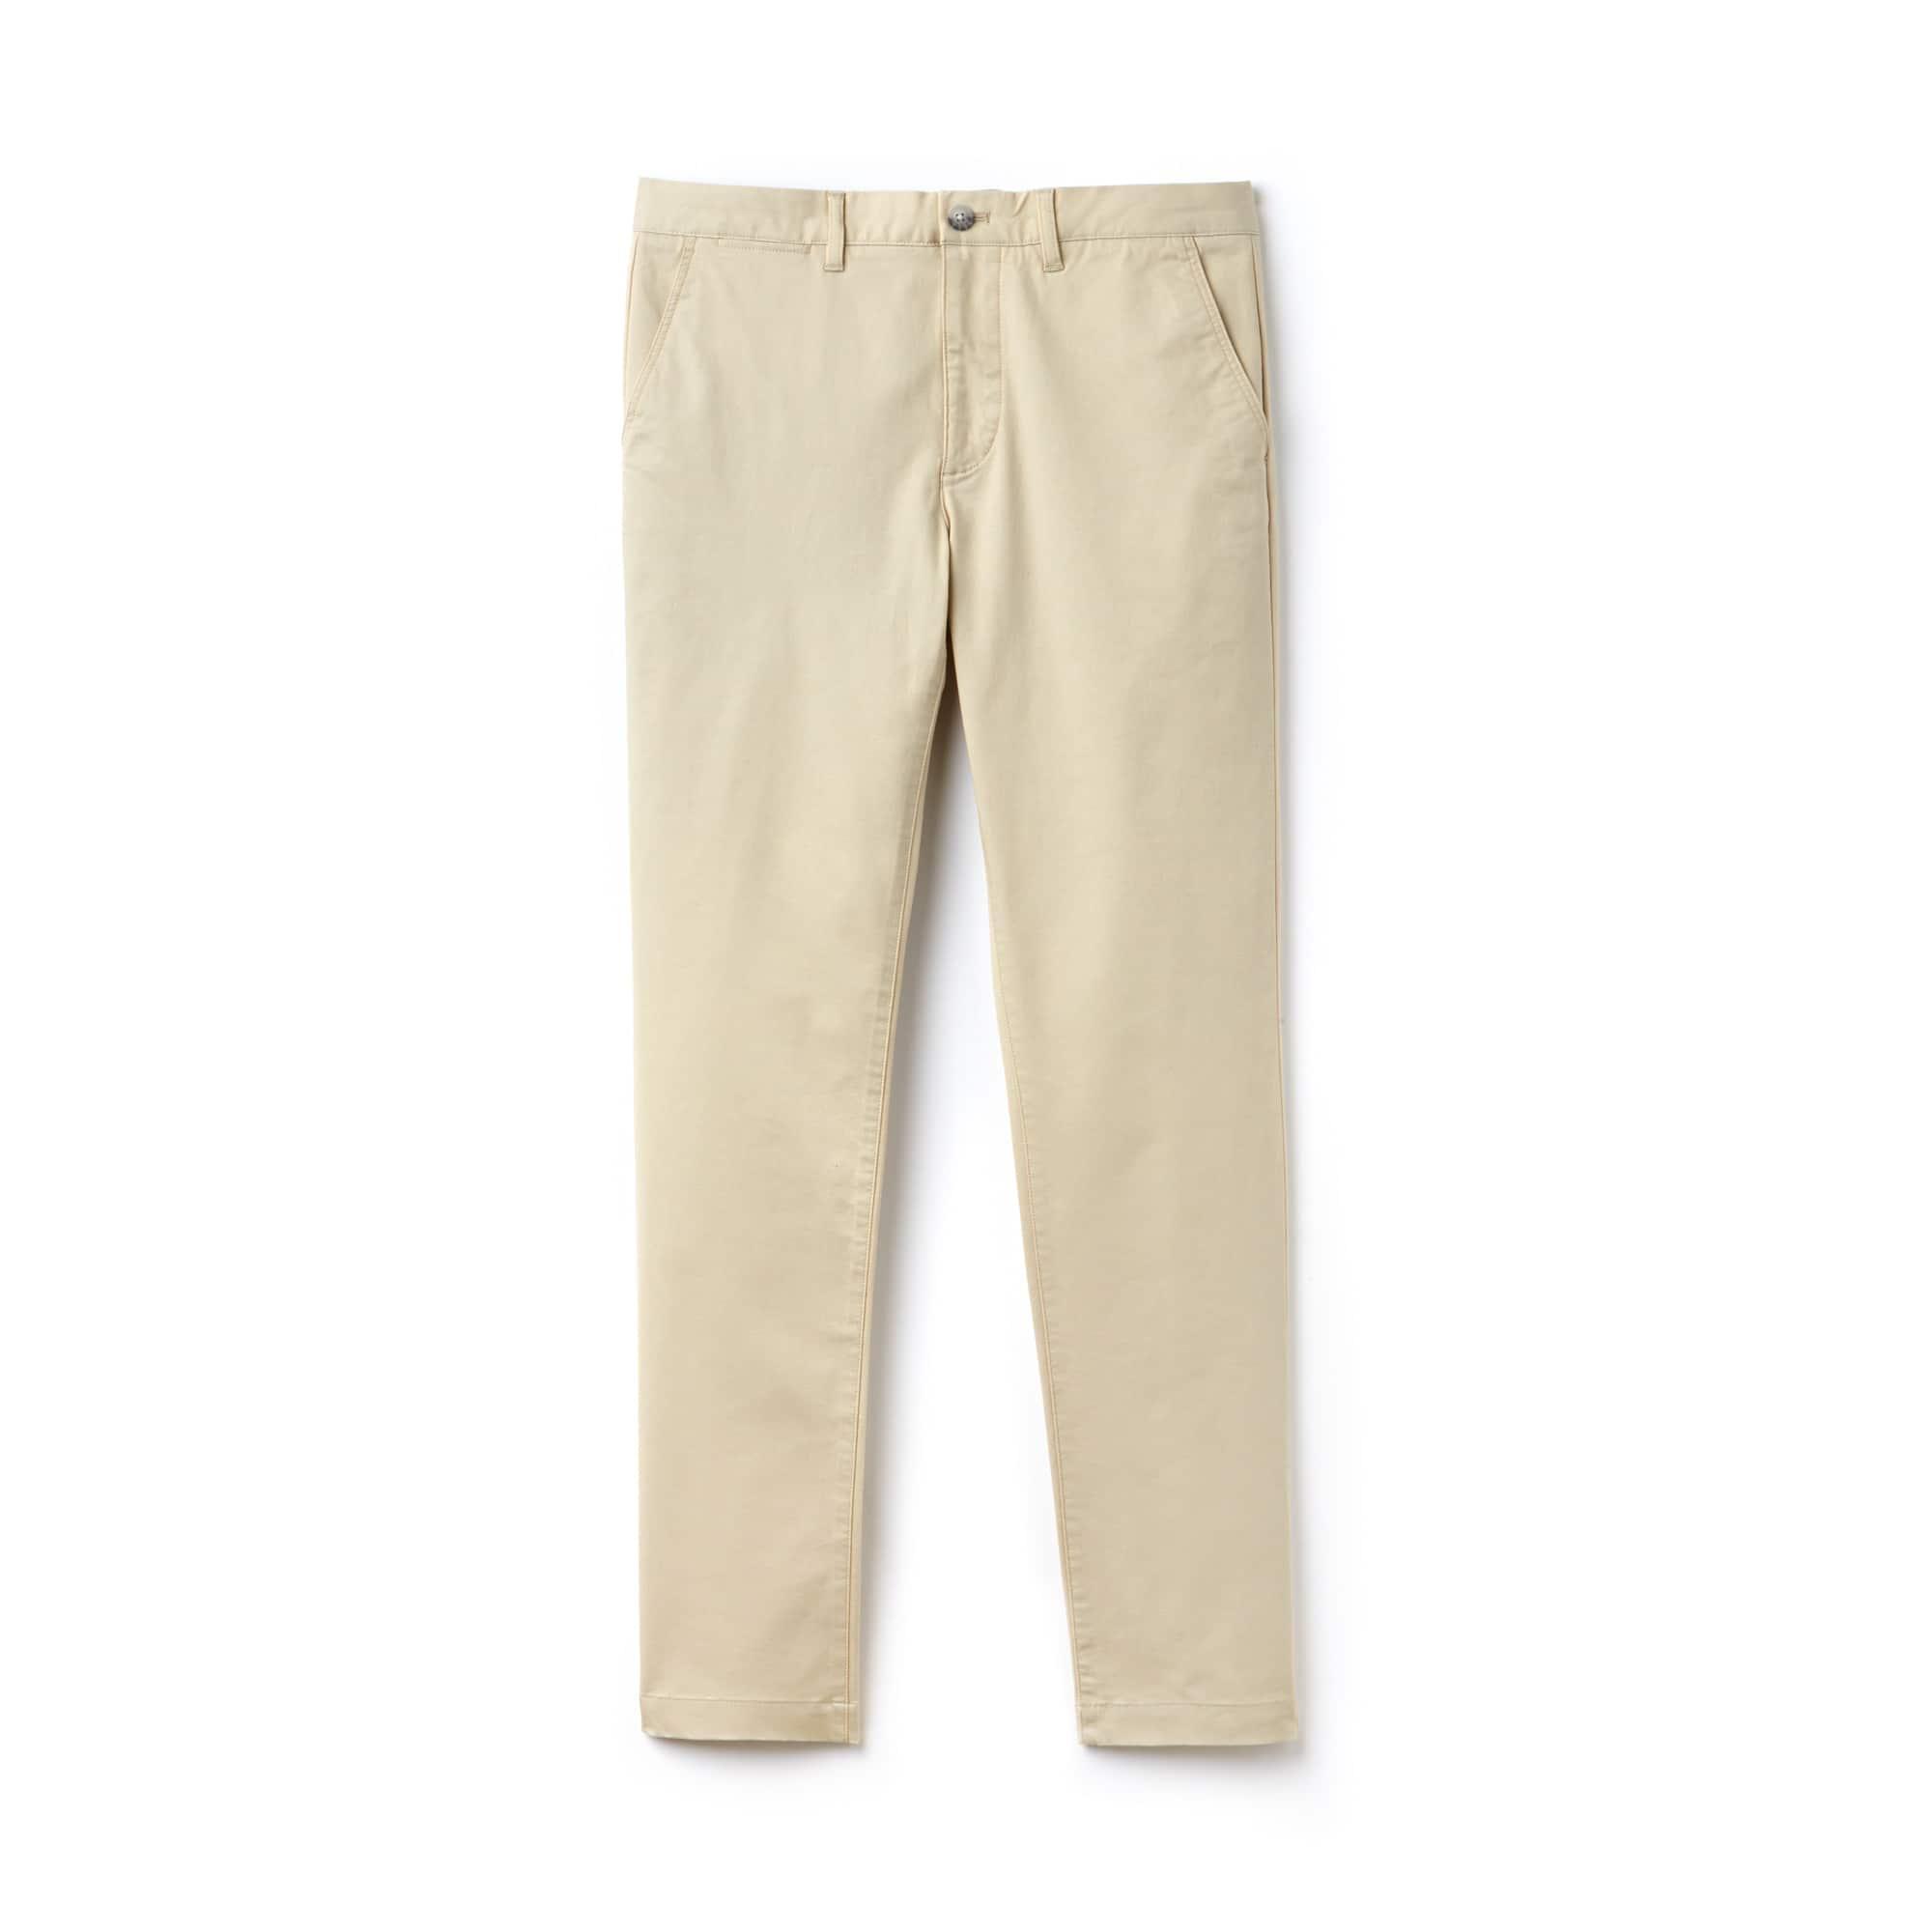 라코스테 Lacoste Mens Slim Fit Stretch Gabardine Chino Pants,beige